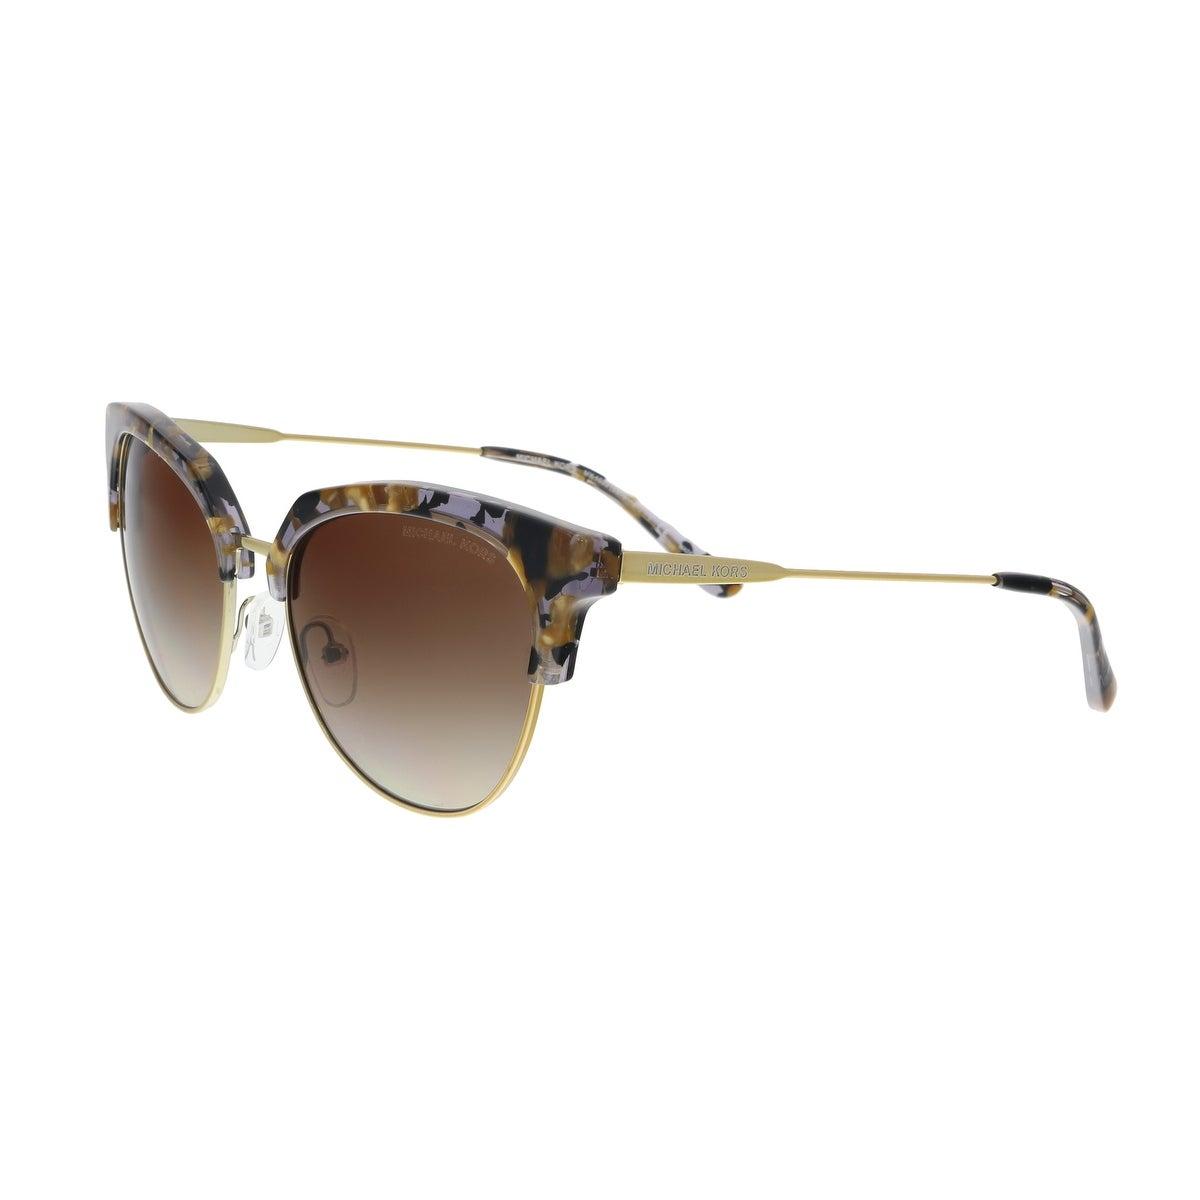 652d6c20a9c5 Michael Kors Sunglasses | Shop our Best Clothing & Shoes Deals Online at  Overstock